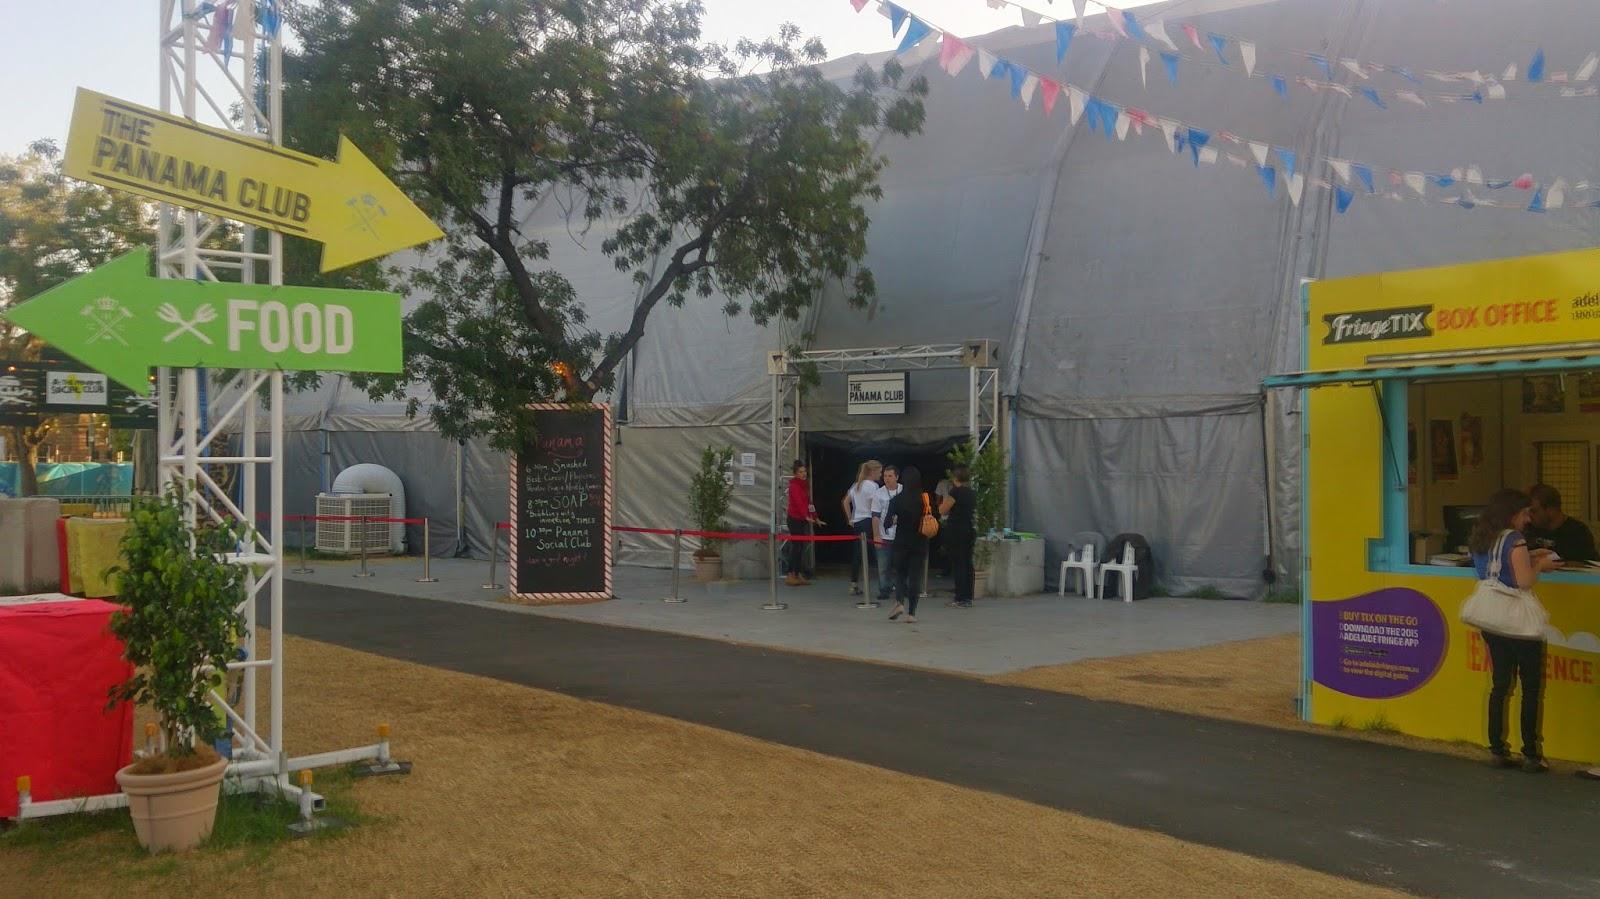 Croquet Club - Parama Tent